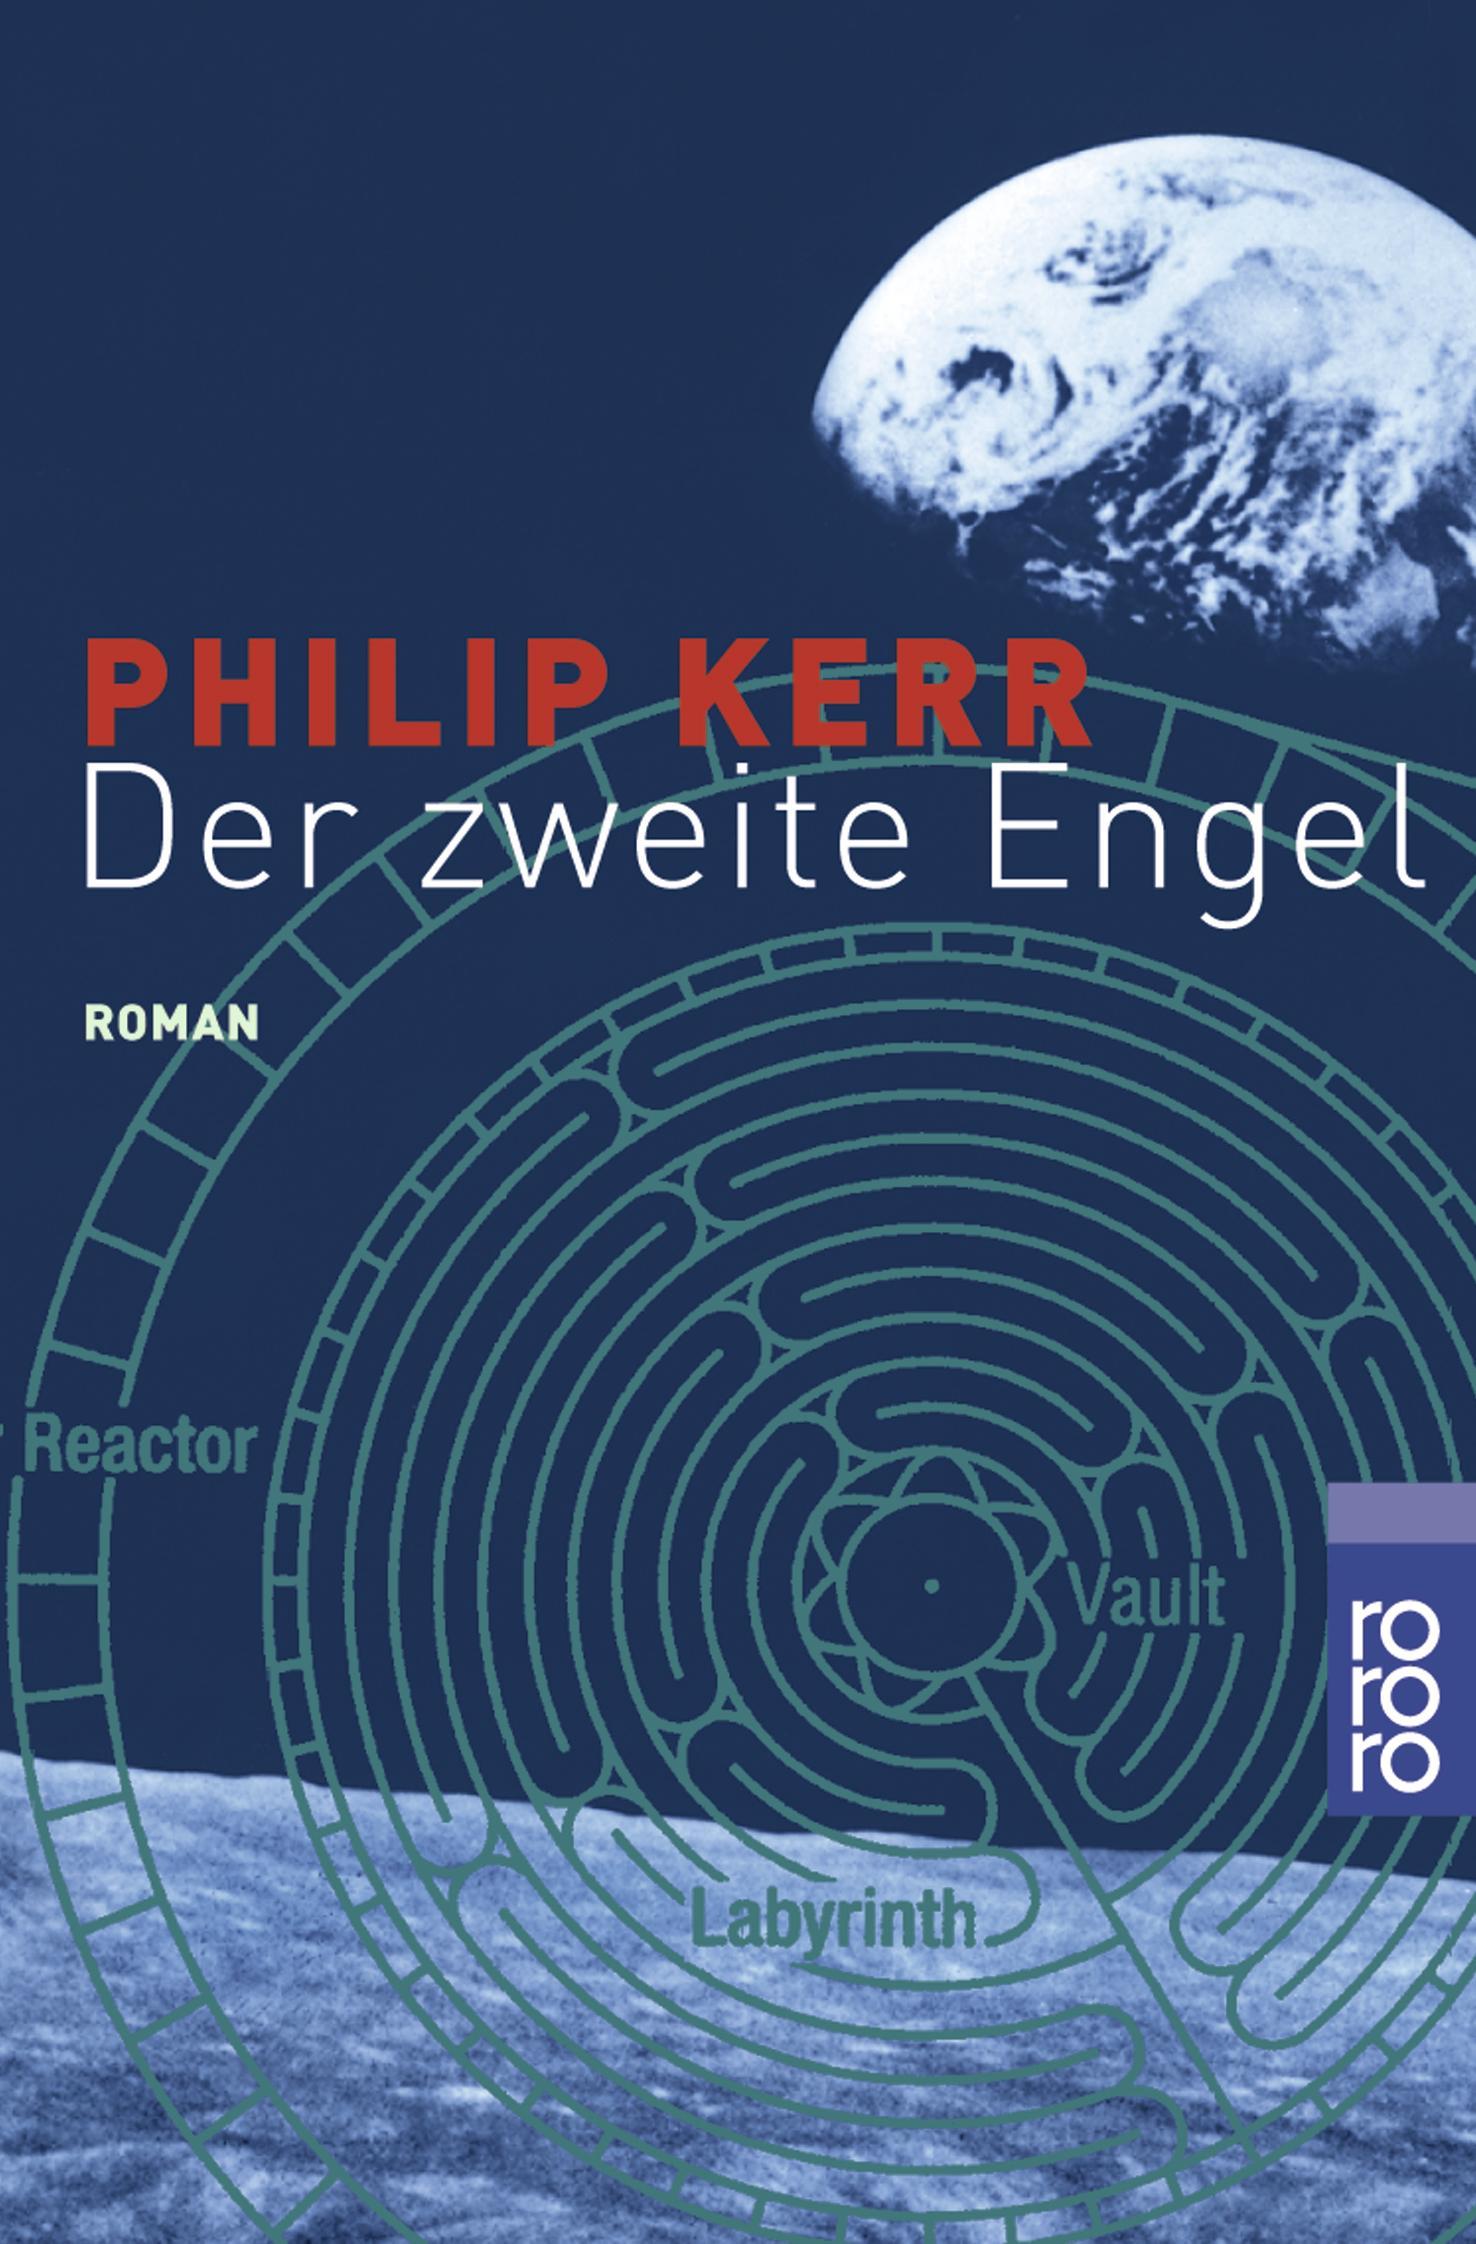 Der-zweite-Engel-Philip-Kerr